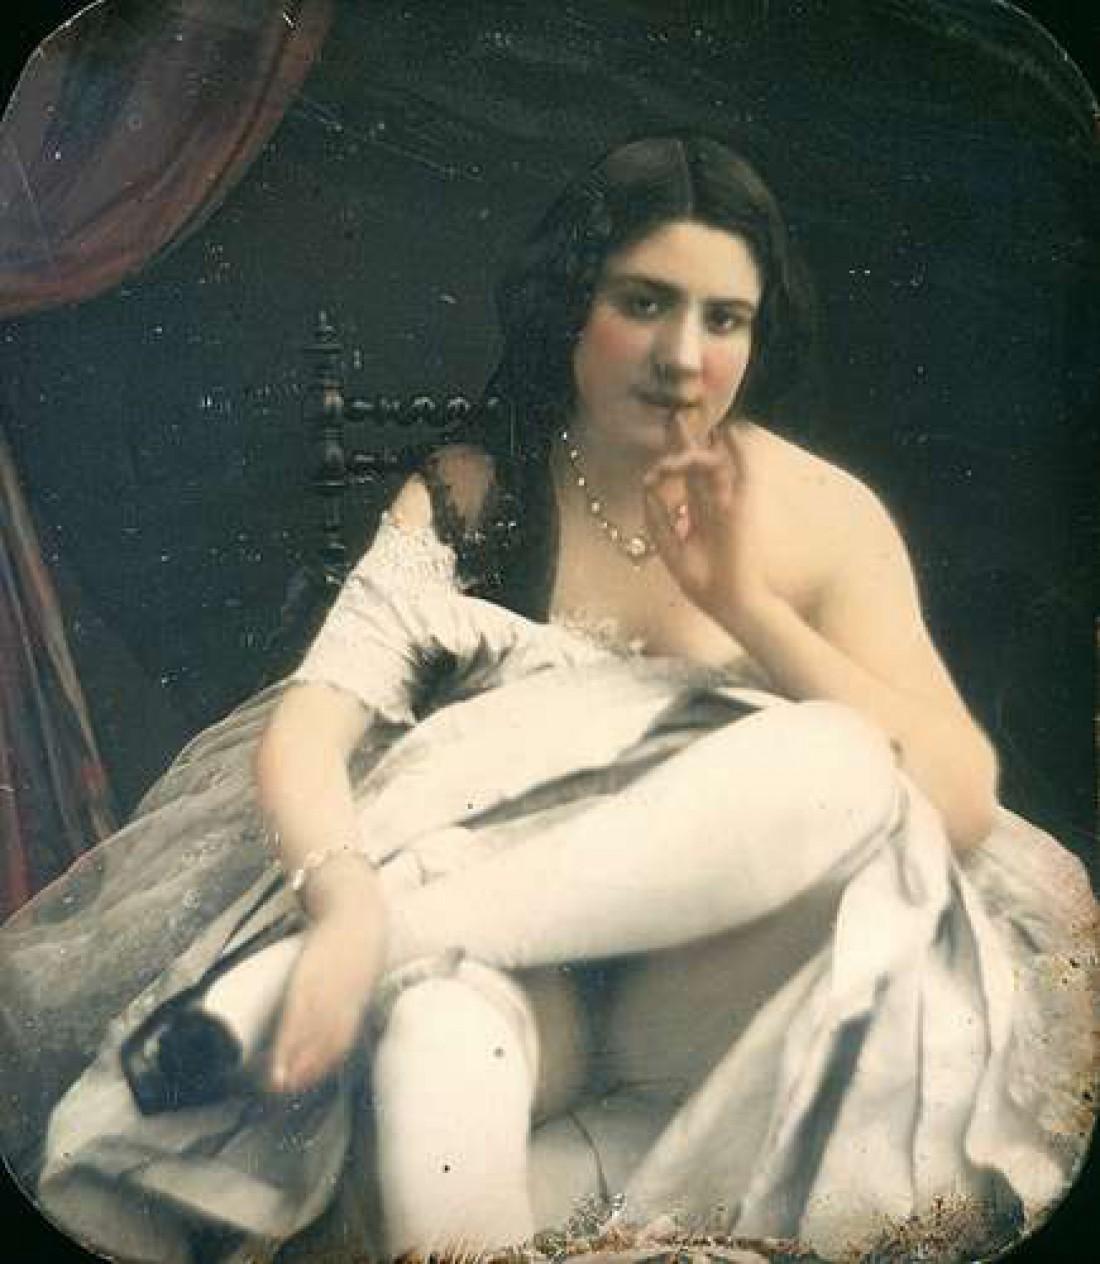 Обнаженная в белых чулках и с пальцем во рту, 1850 год